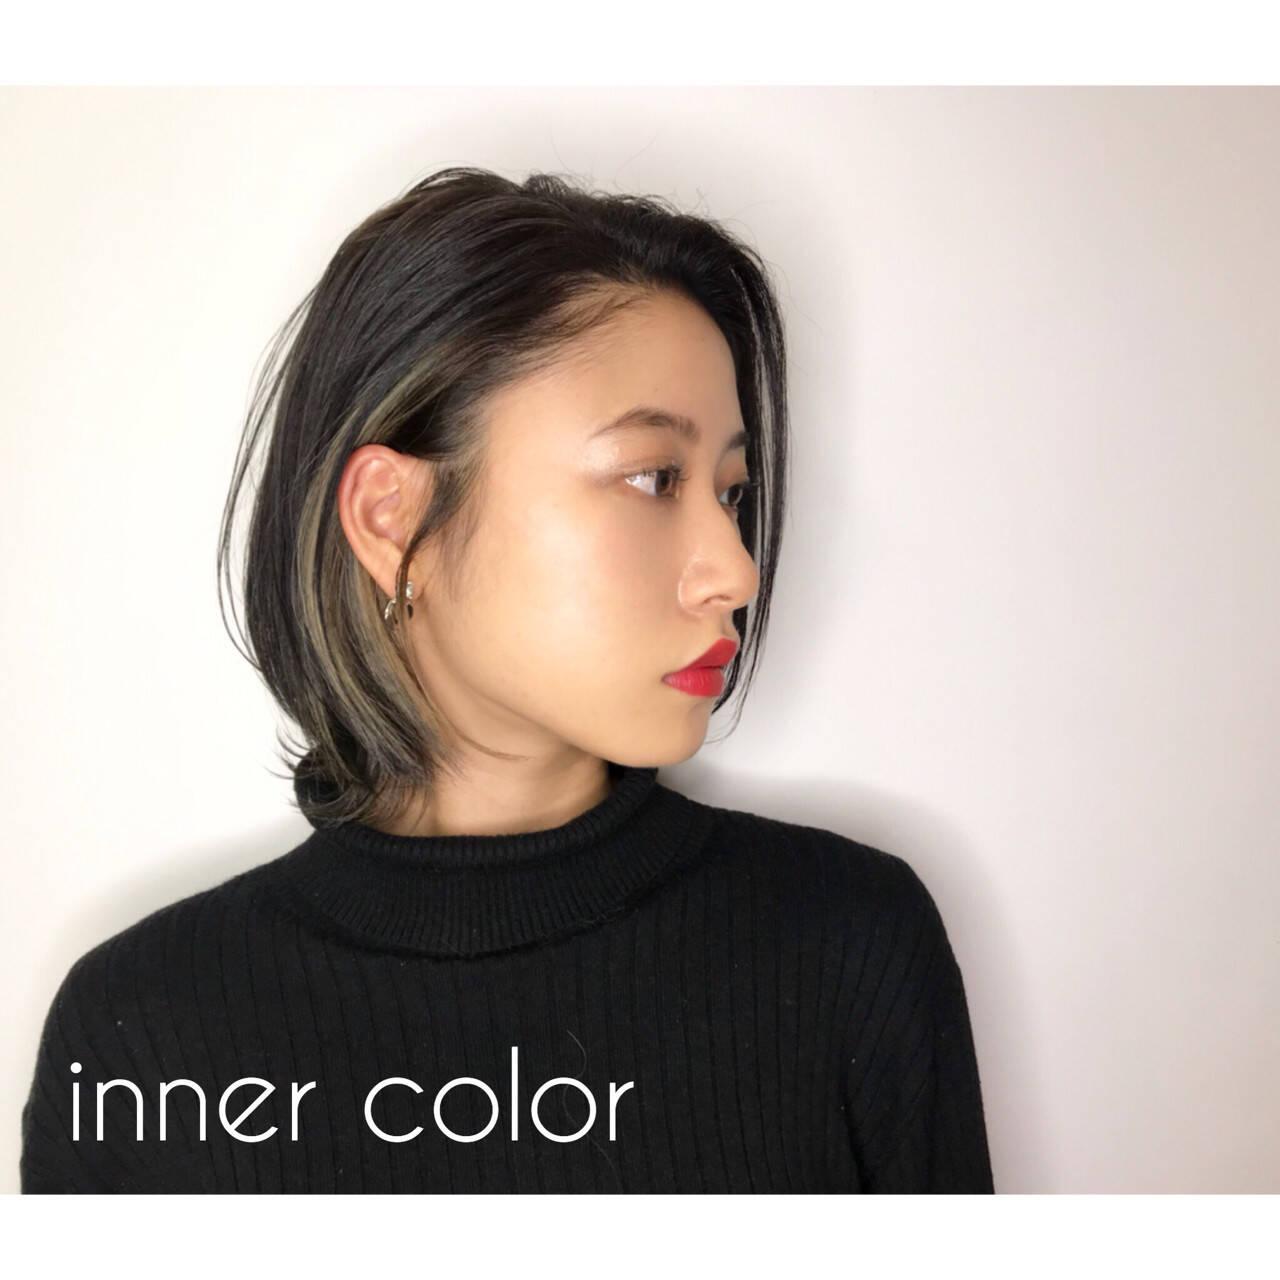 ナチュラル アッシュグレージュ 大人女子 インナーカラーヘアスタイルや髪型の写真・画像